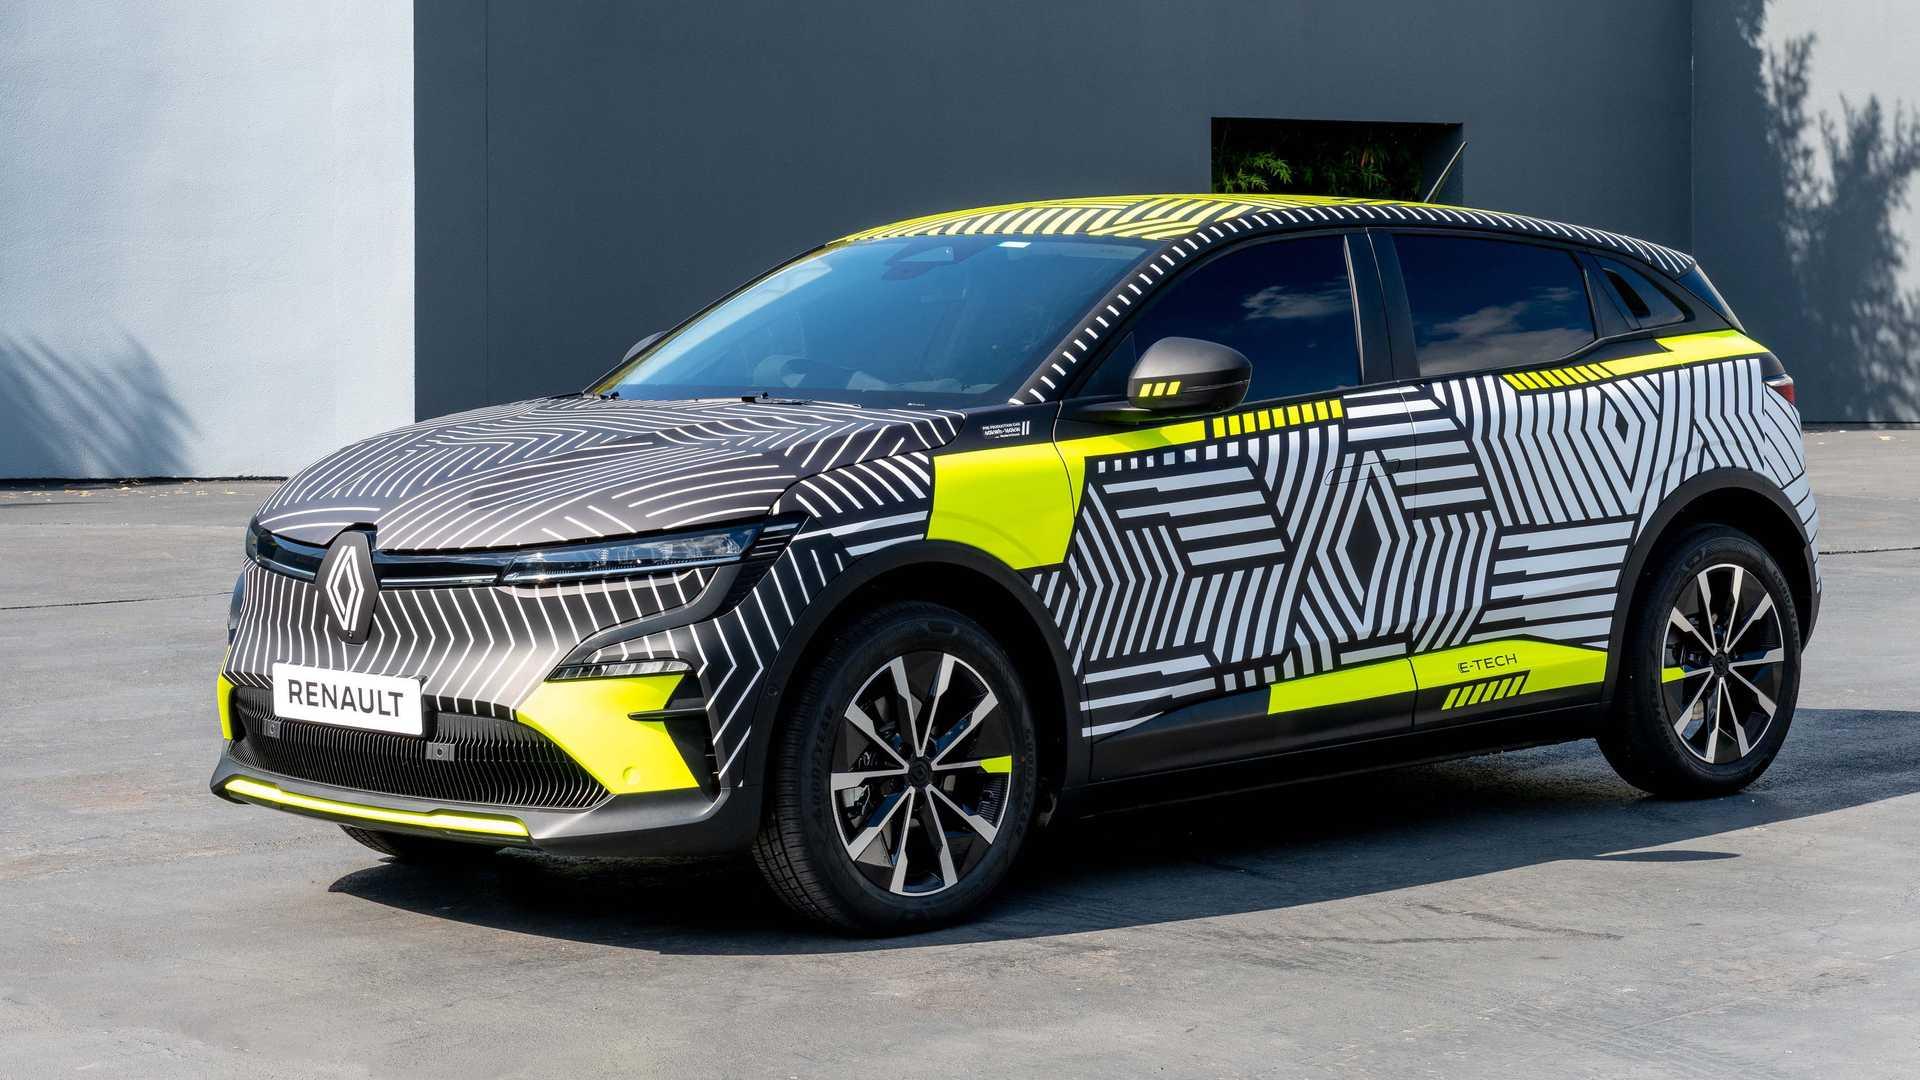 Τον Σεπτέμβριο στο Μόναχο η παρουσίαση του ηλεκτρικού Renault Mégane